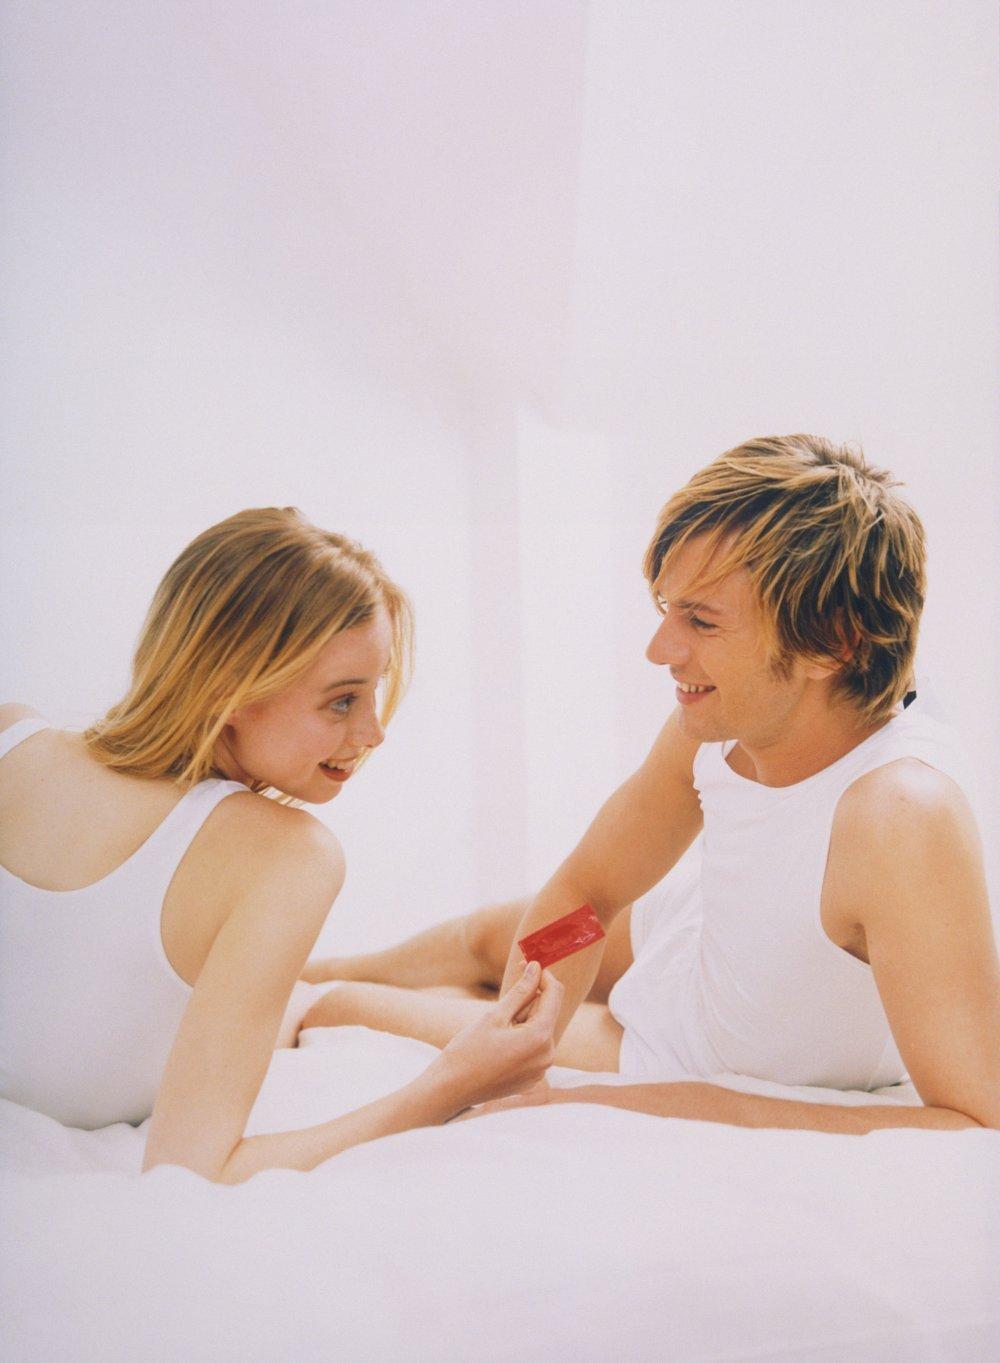 fotografije analnog seksa za tinejdžere djevojke koje uzimaju čudovišta